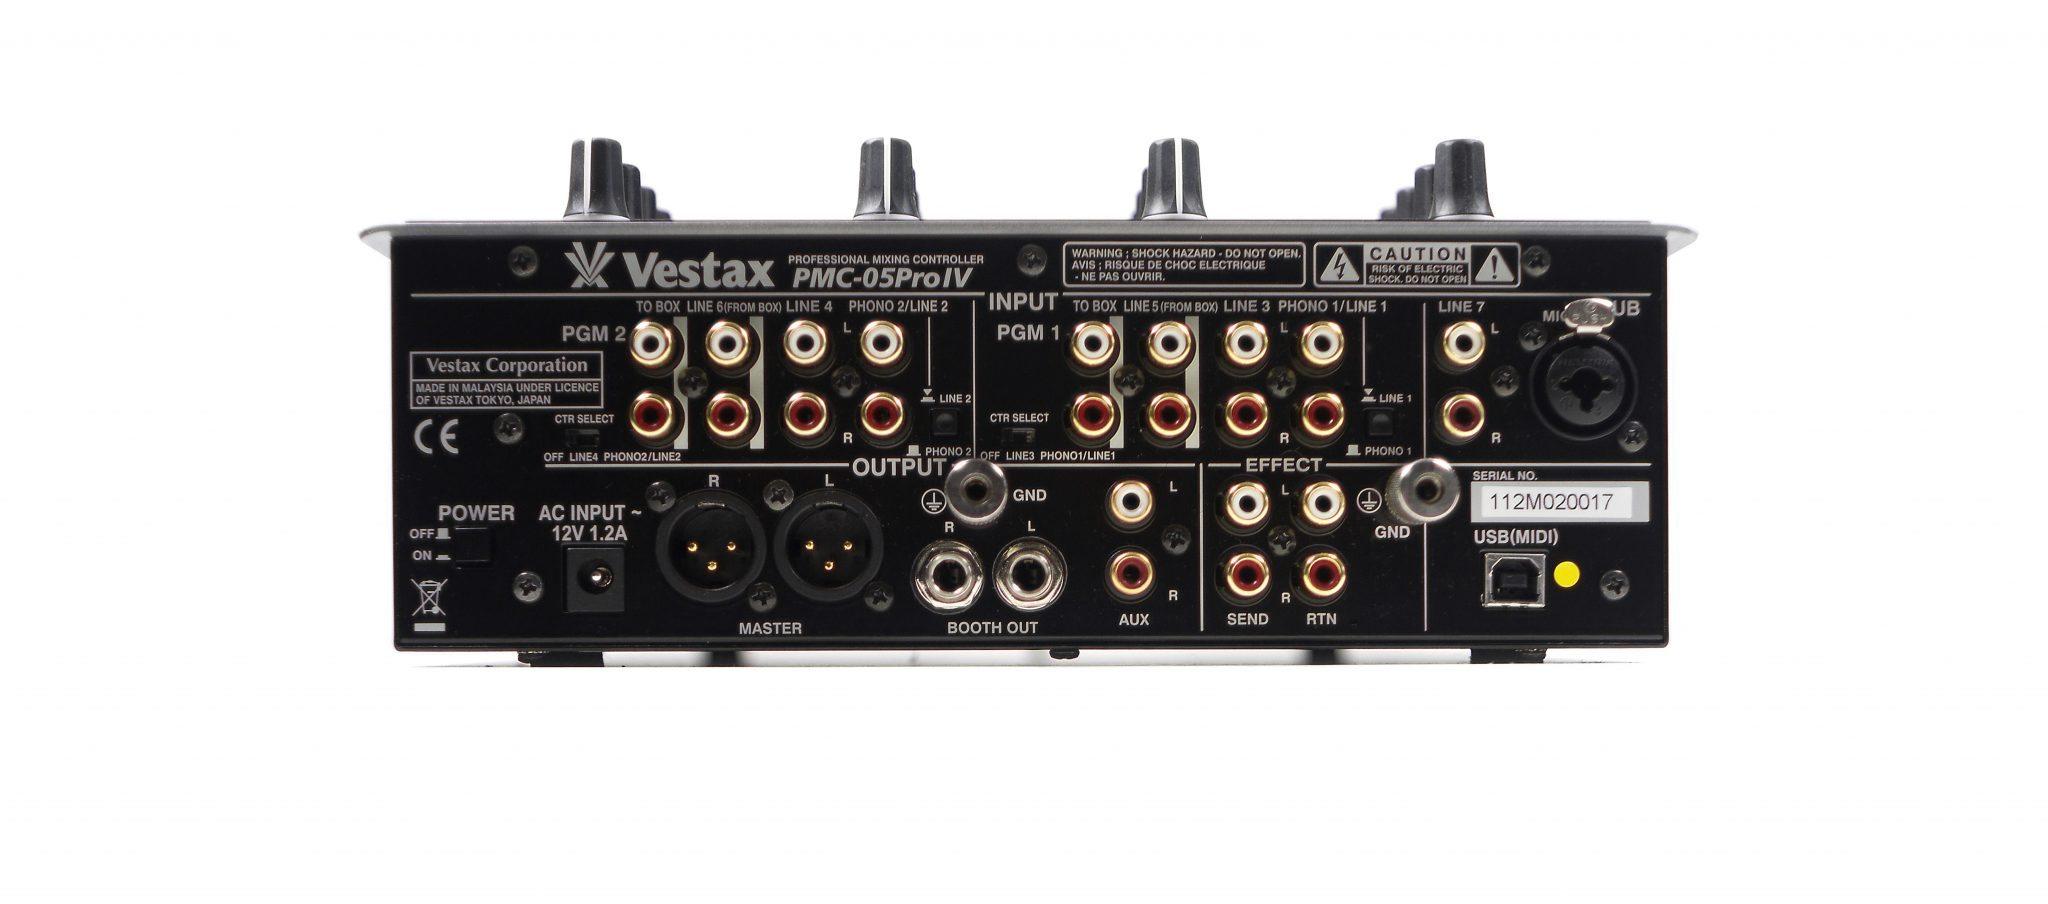 Vestax Pmc 05 Pro 4 Vestax Pmc-05 Pro iv Scratch